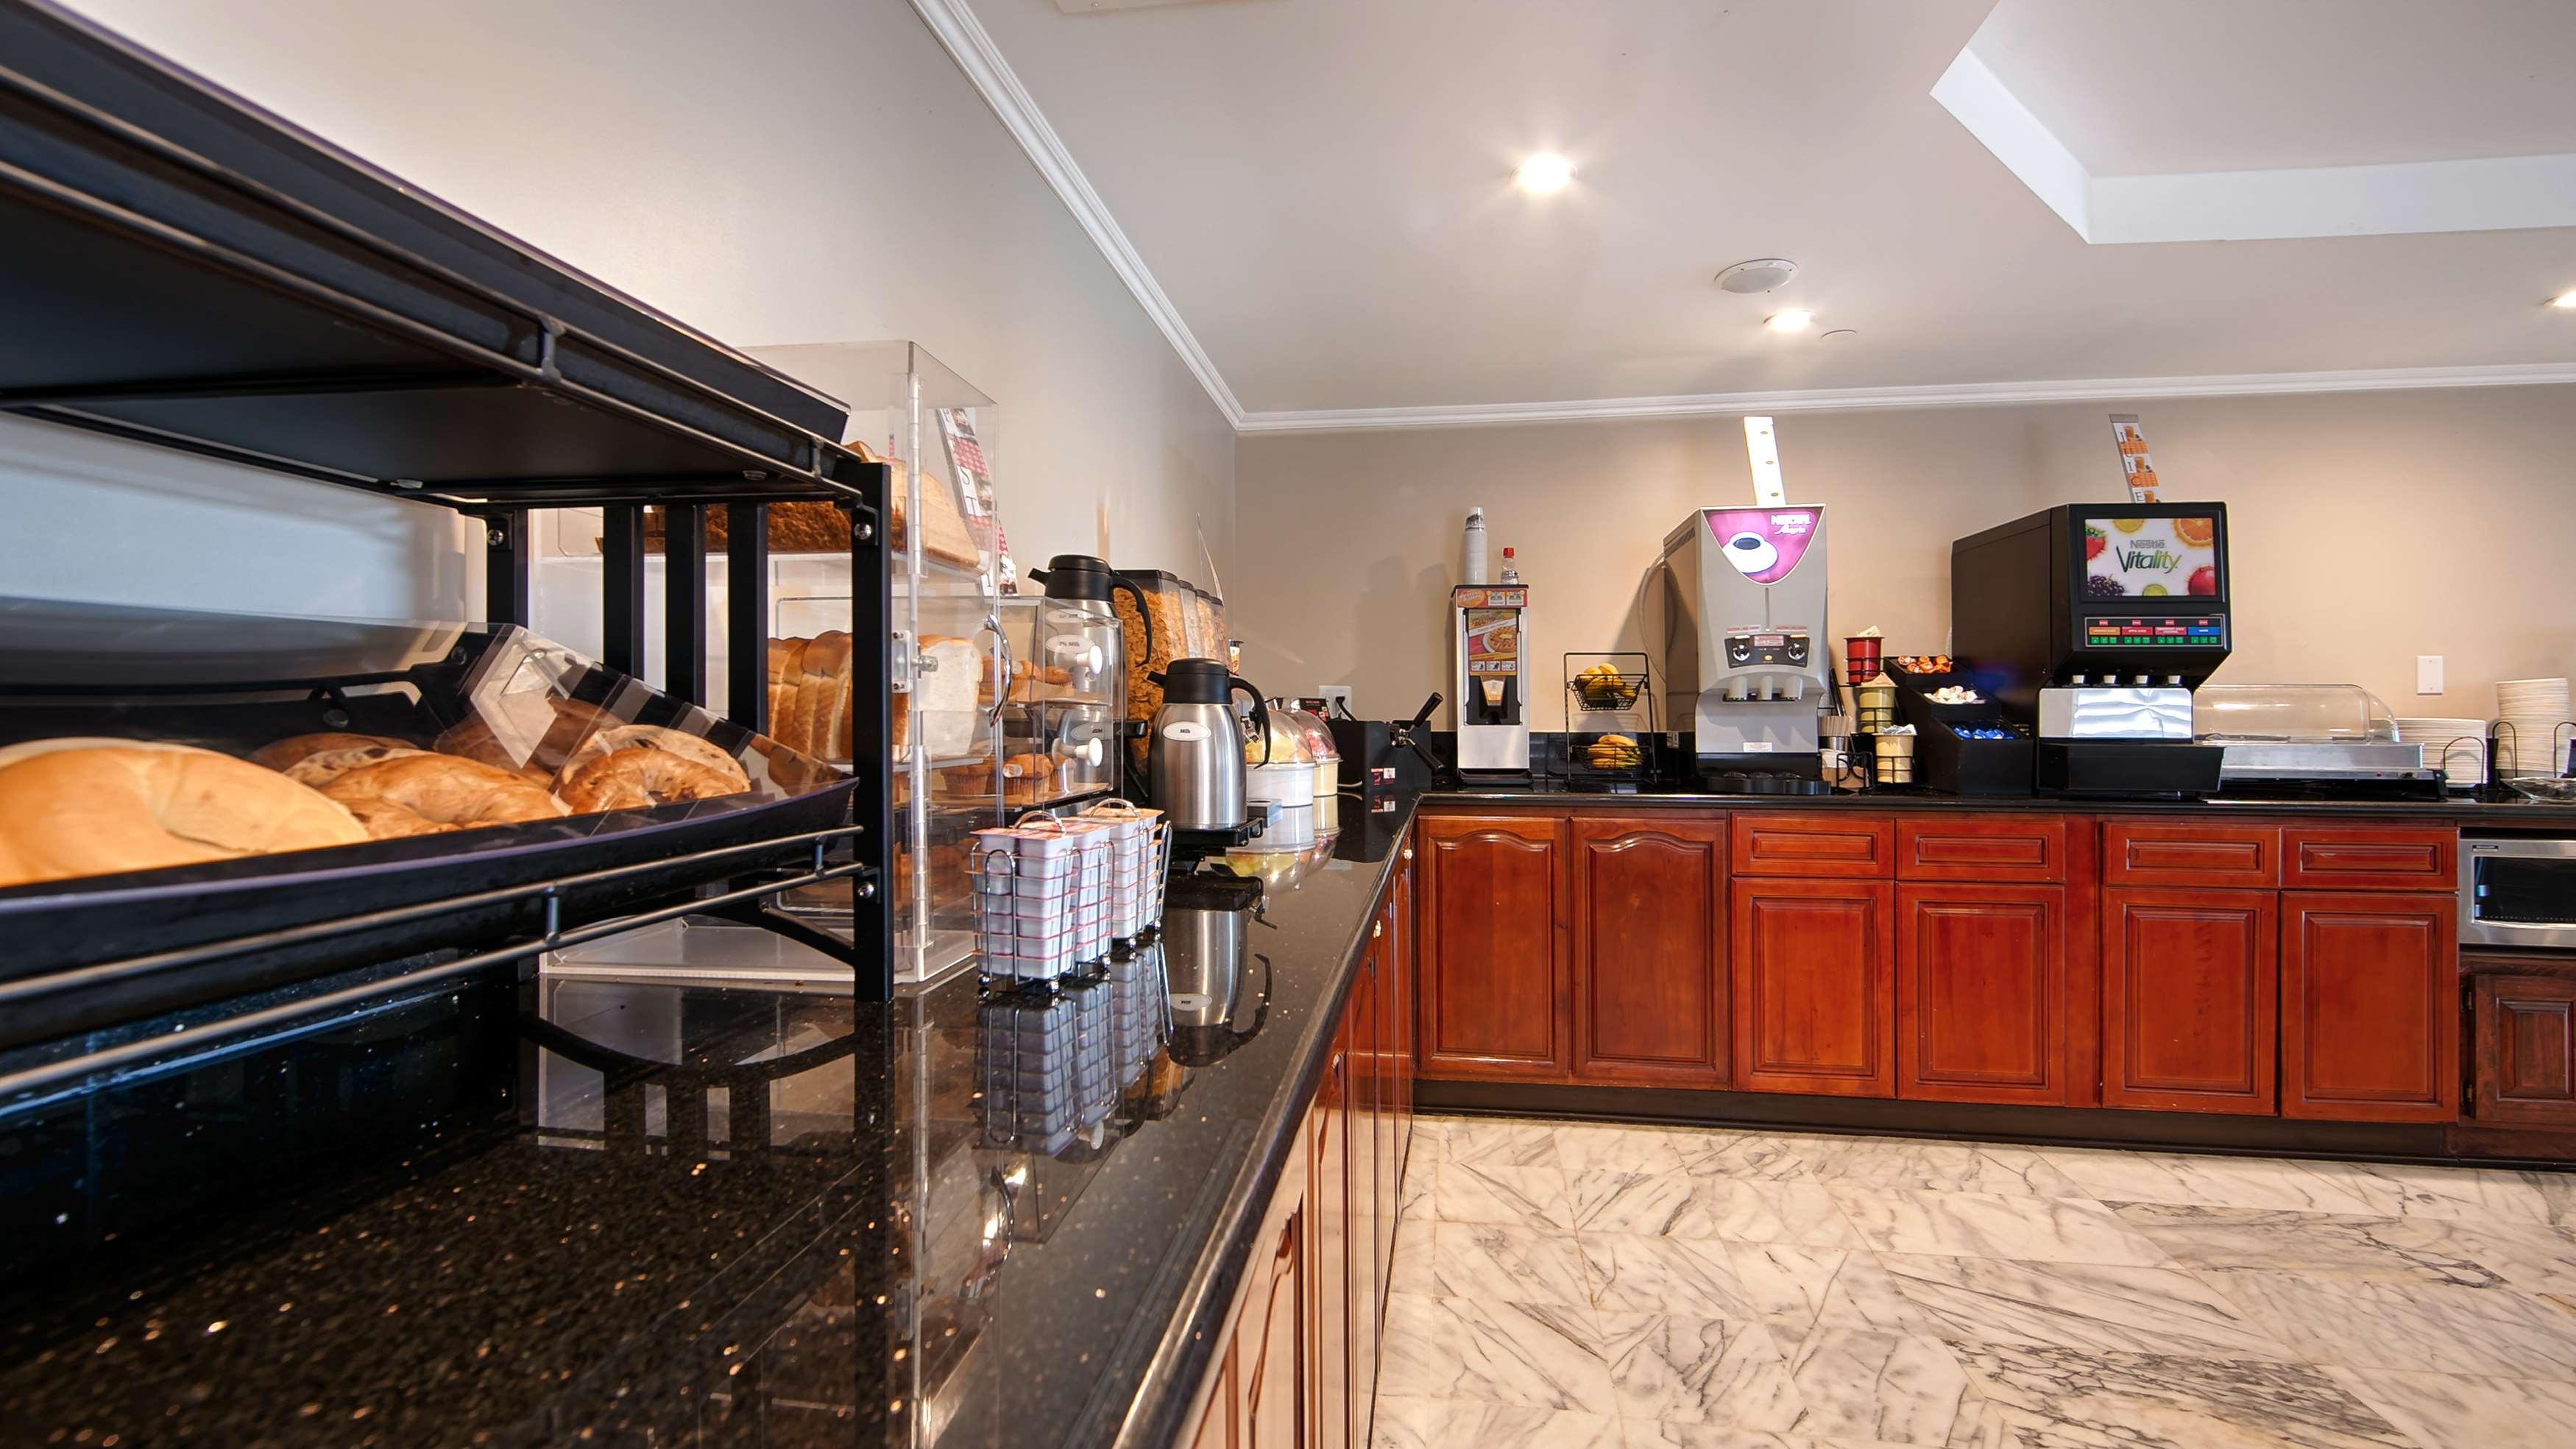 Best Western Pasadena Royale Inn & Suites image 2